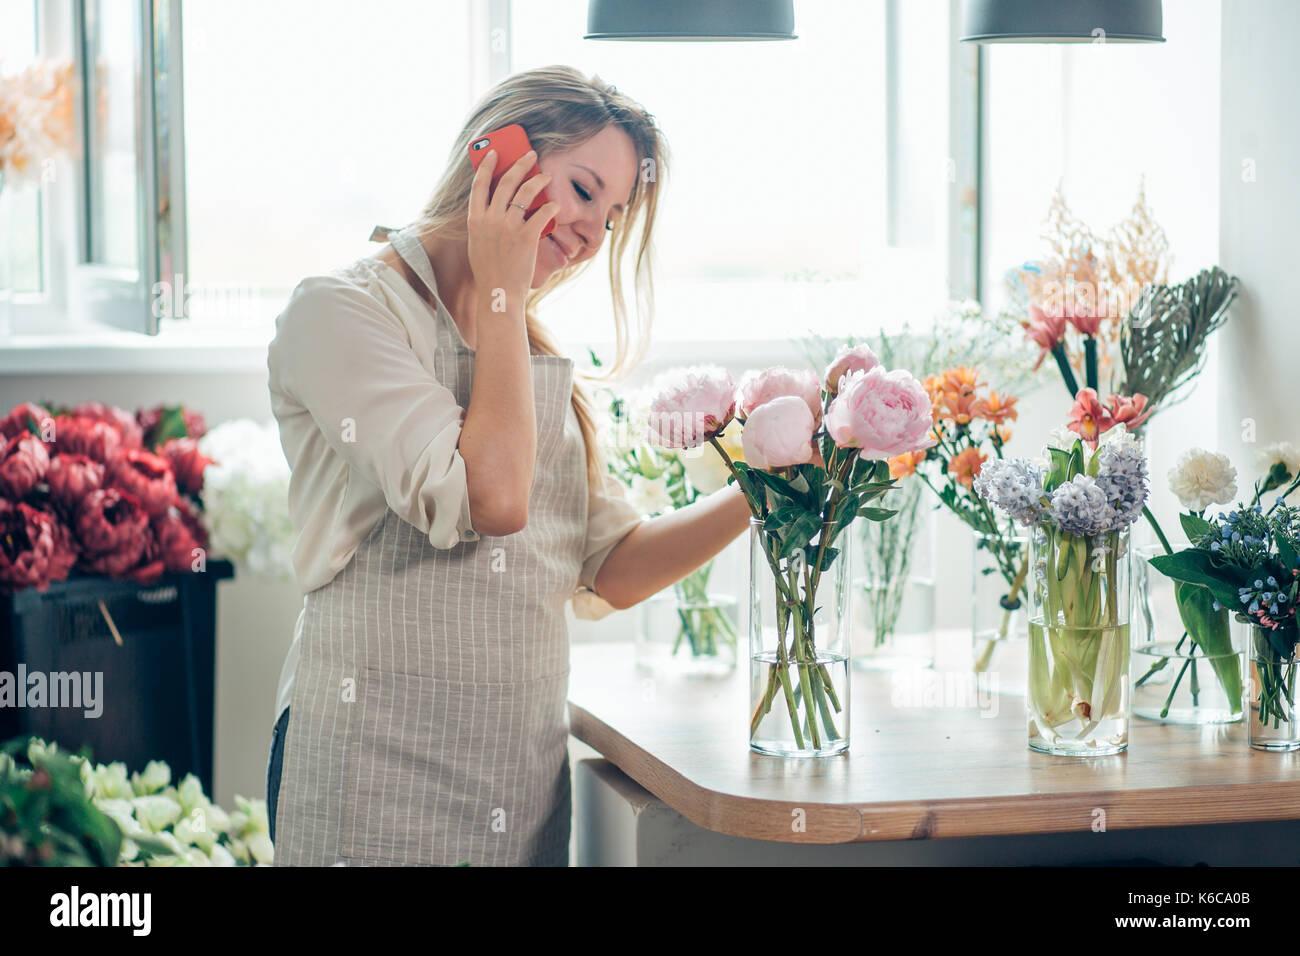 Retrato de mujer joven florista hablando por teléfono y haciendo notas en floristería. Imagen De Stock